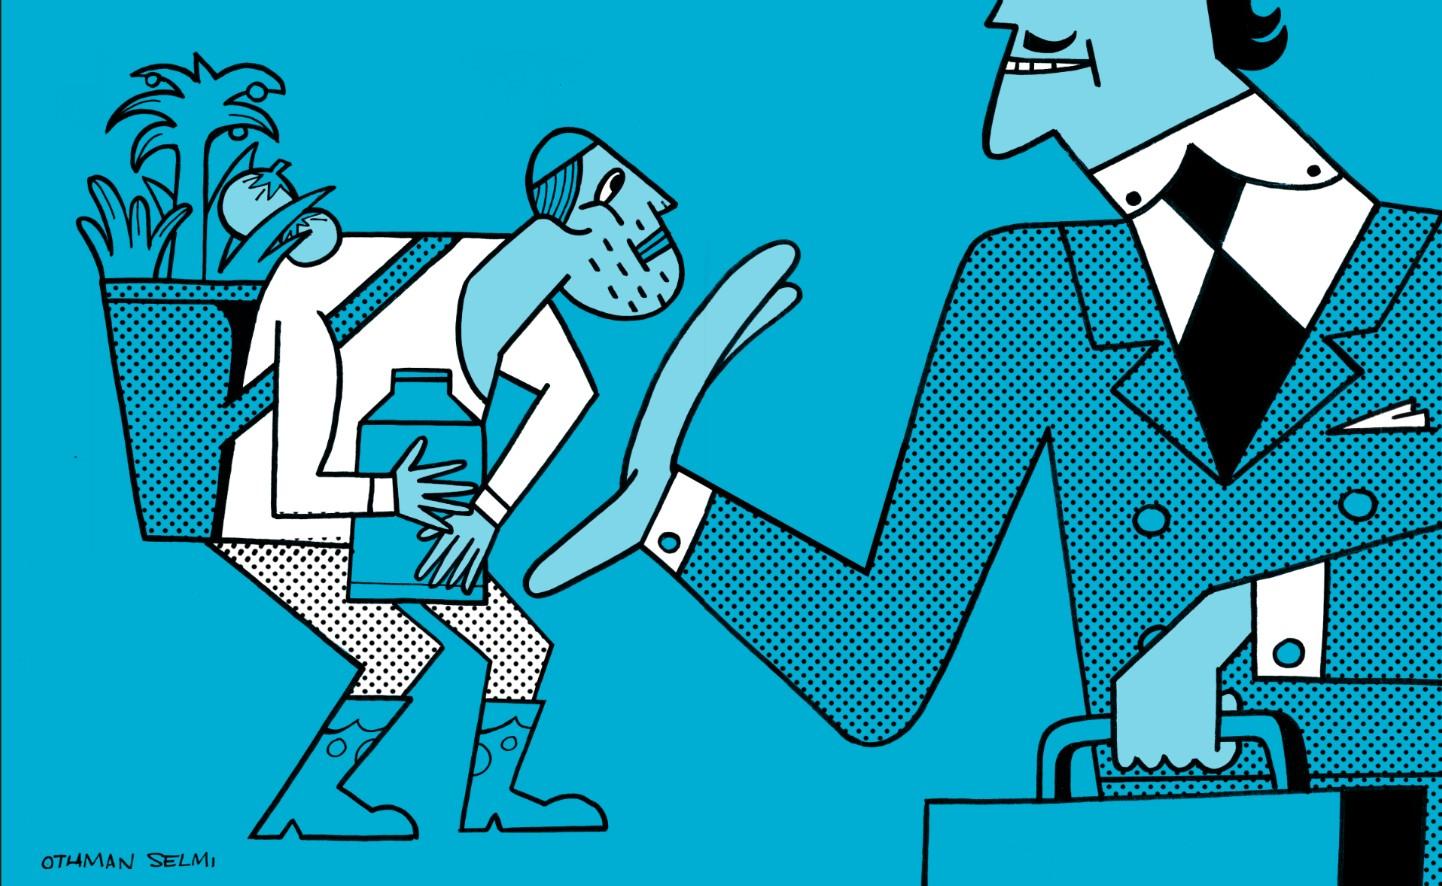 إشكاليات إنفاذ الاقتصاد الاجتماعي والتضامني: الدرب الشائك